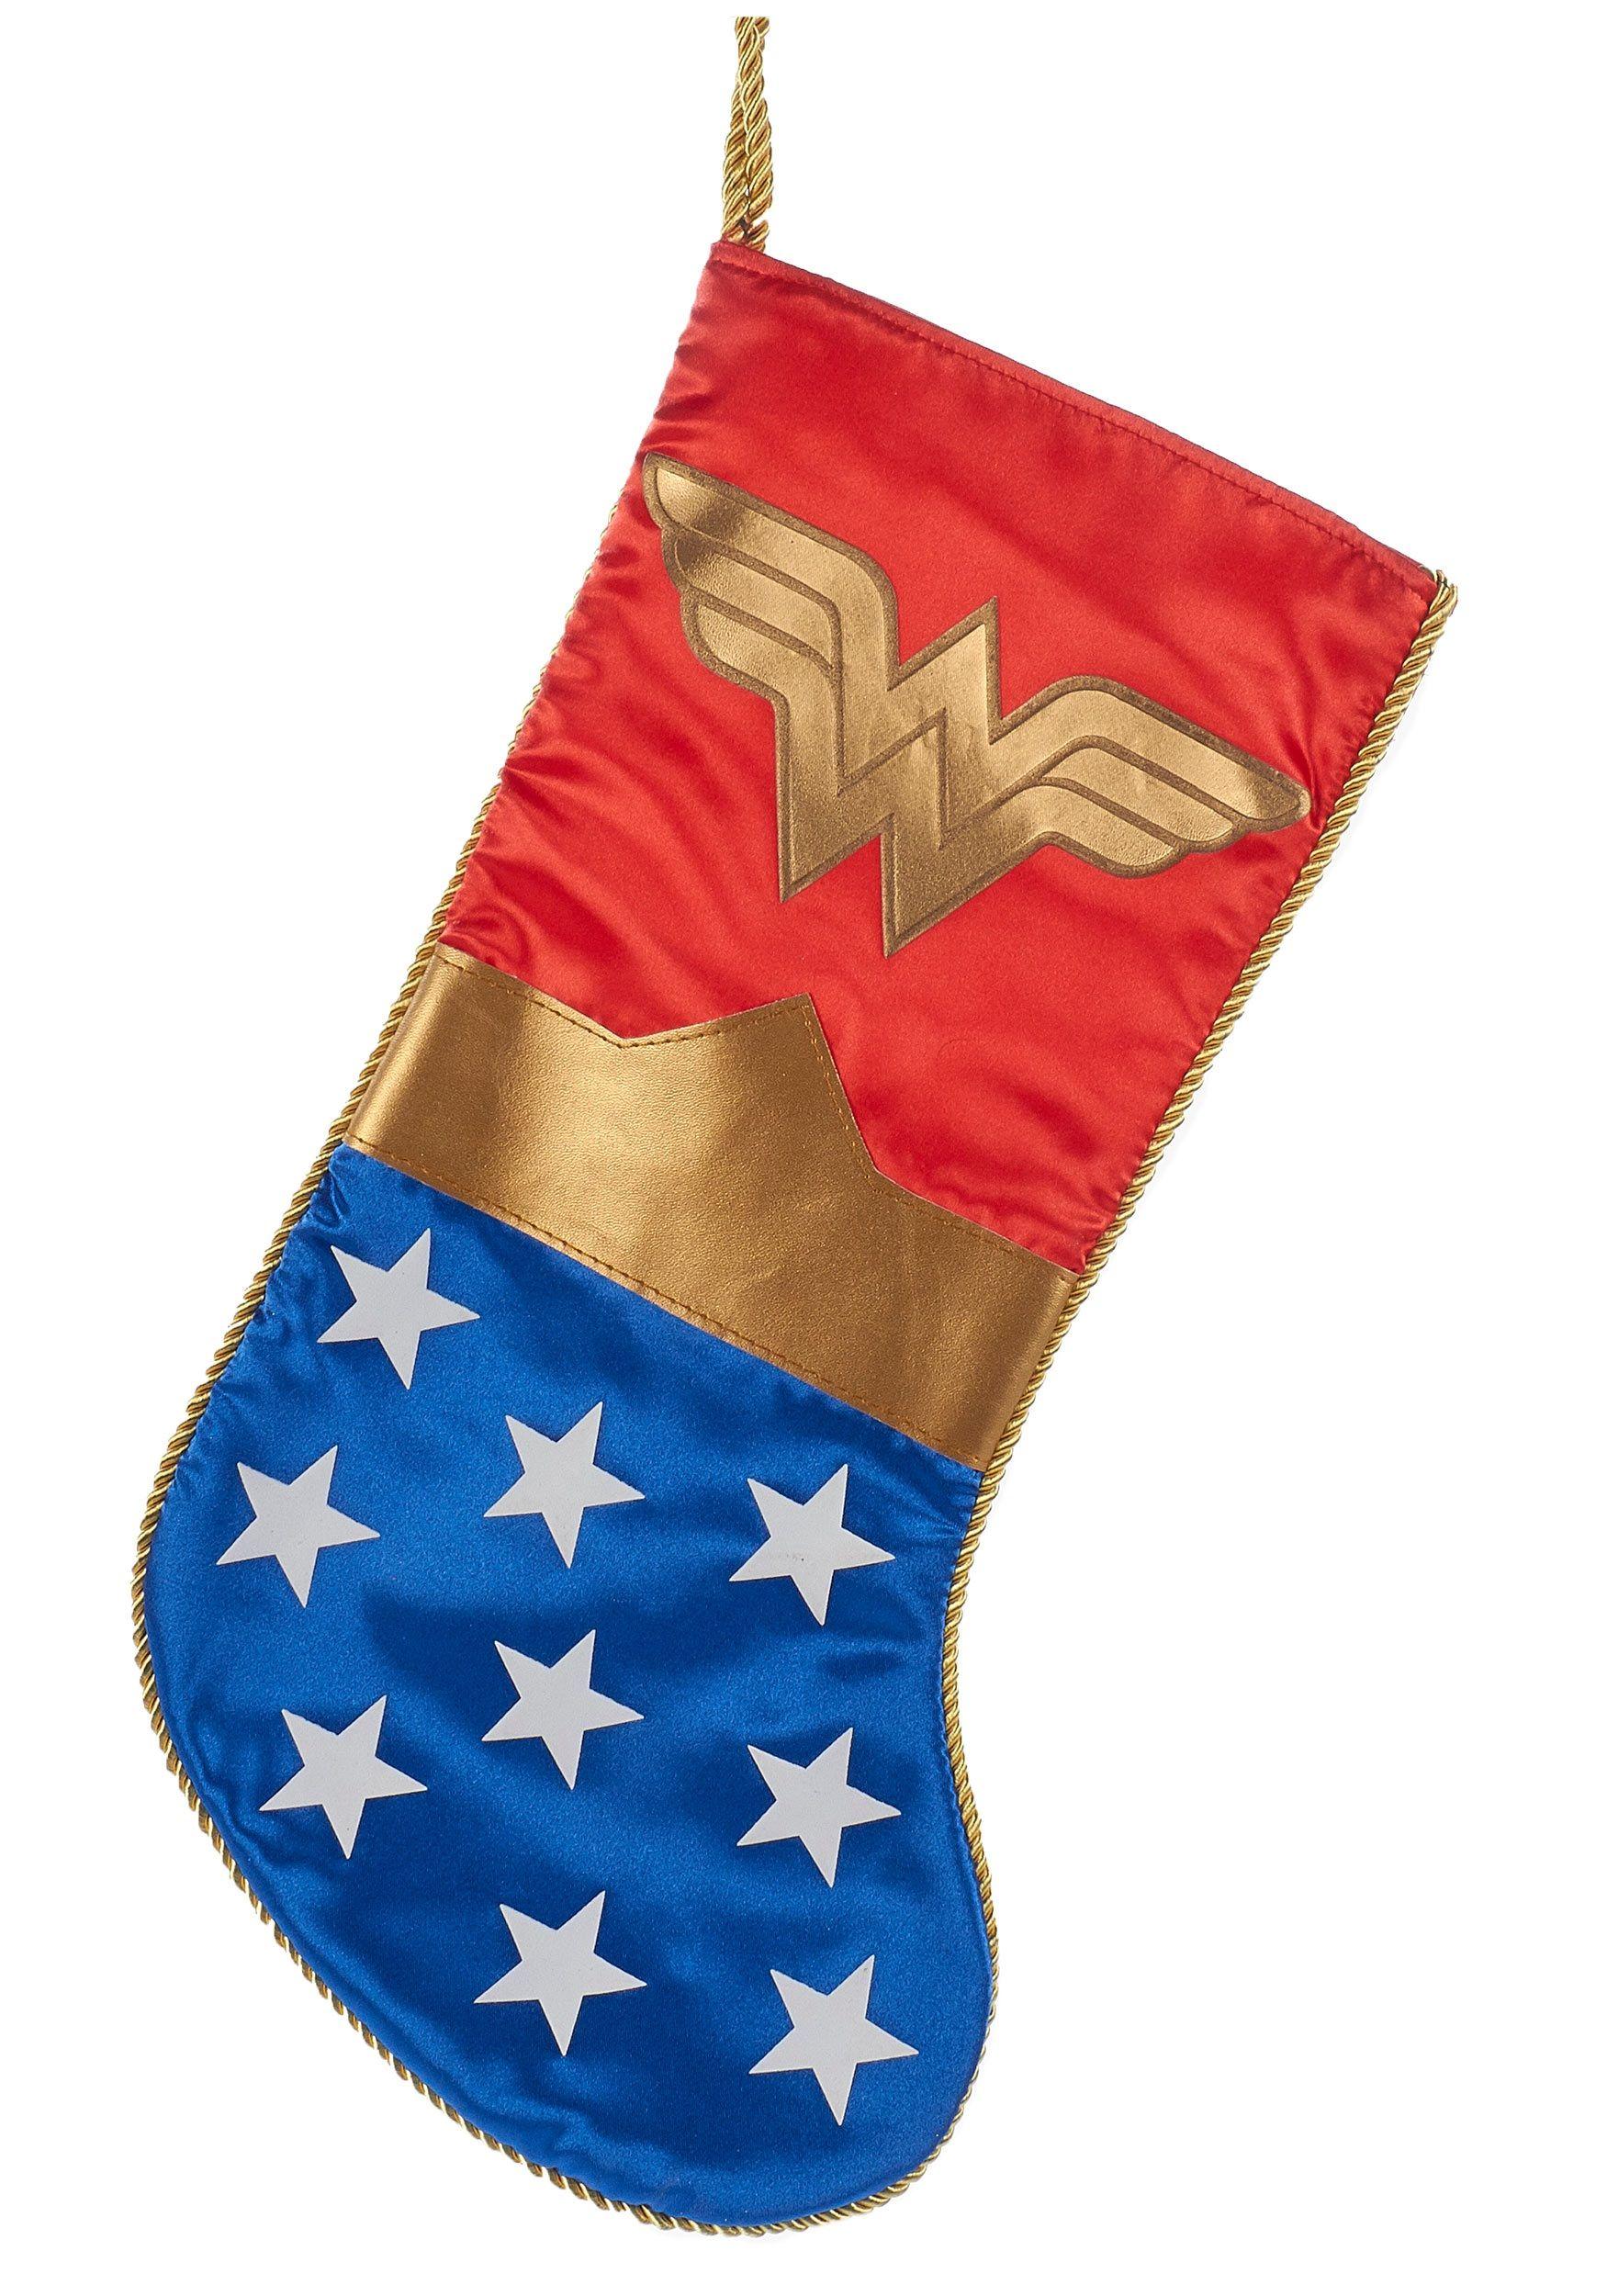 Merry Xmas Christmas Stockings Wonder Woman Logo Christmas Stockings With Names